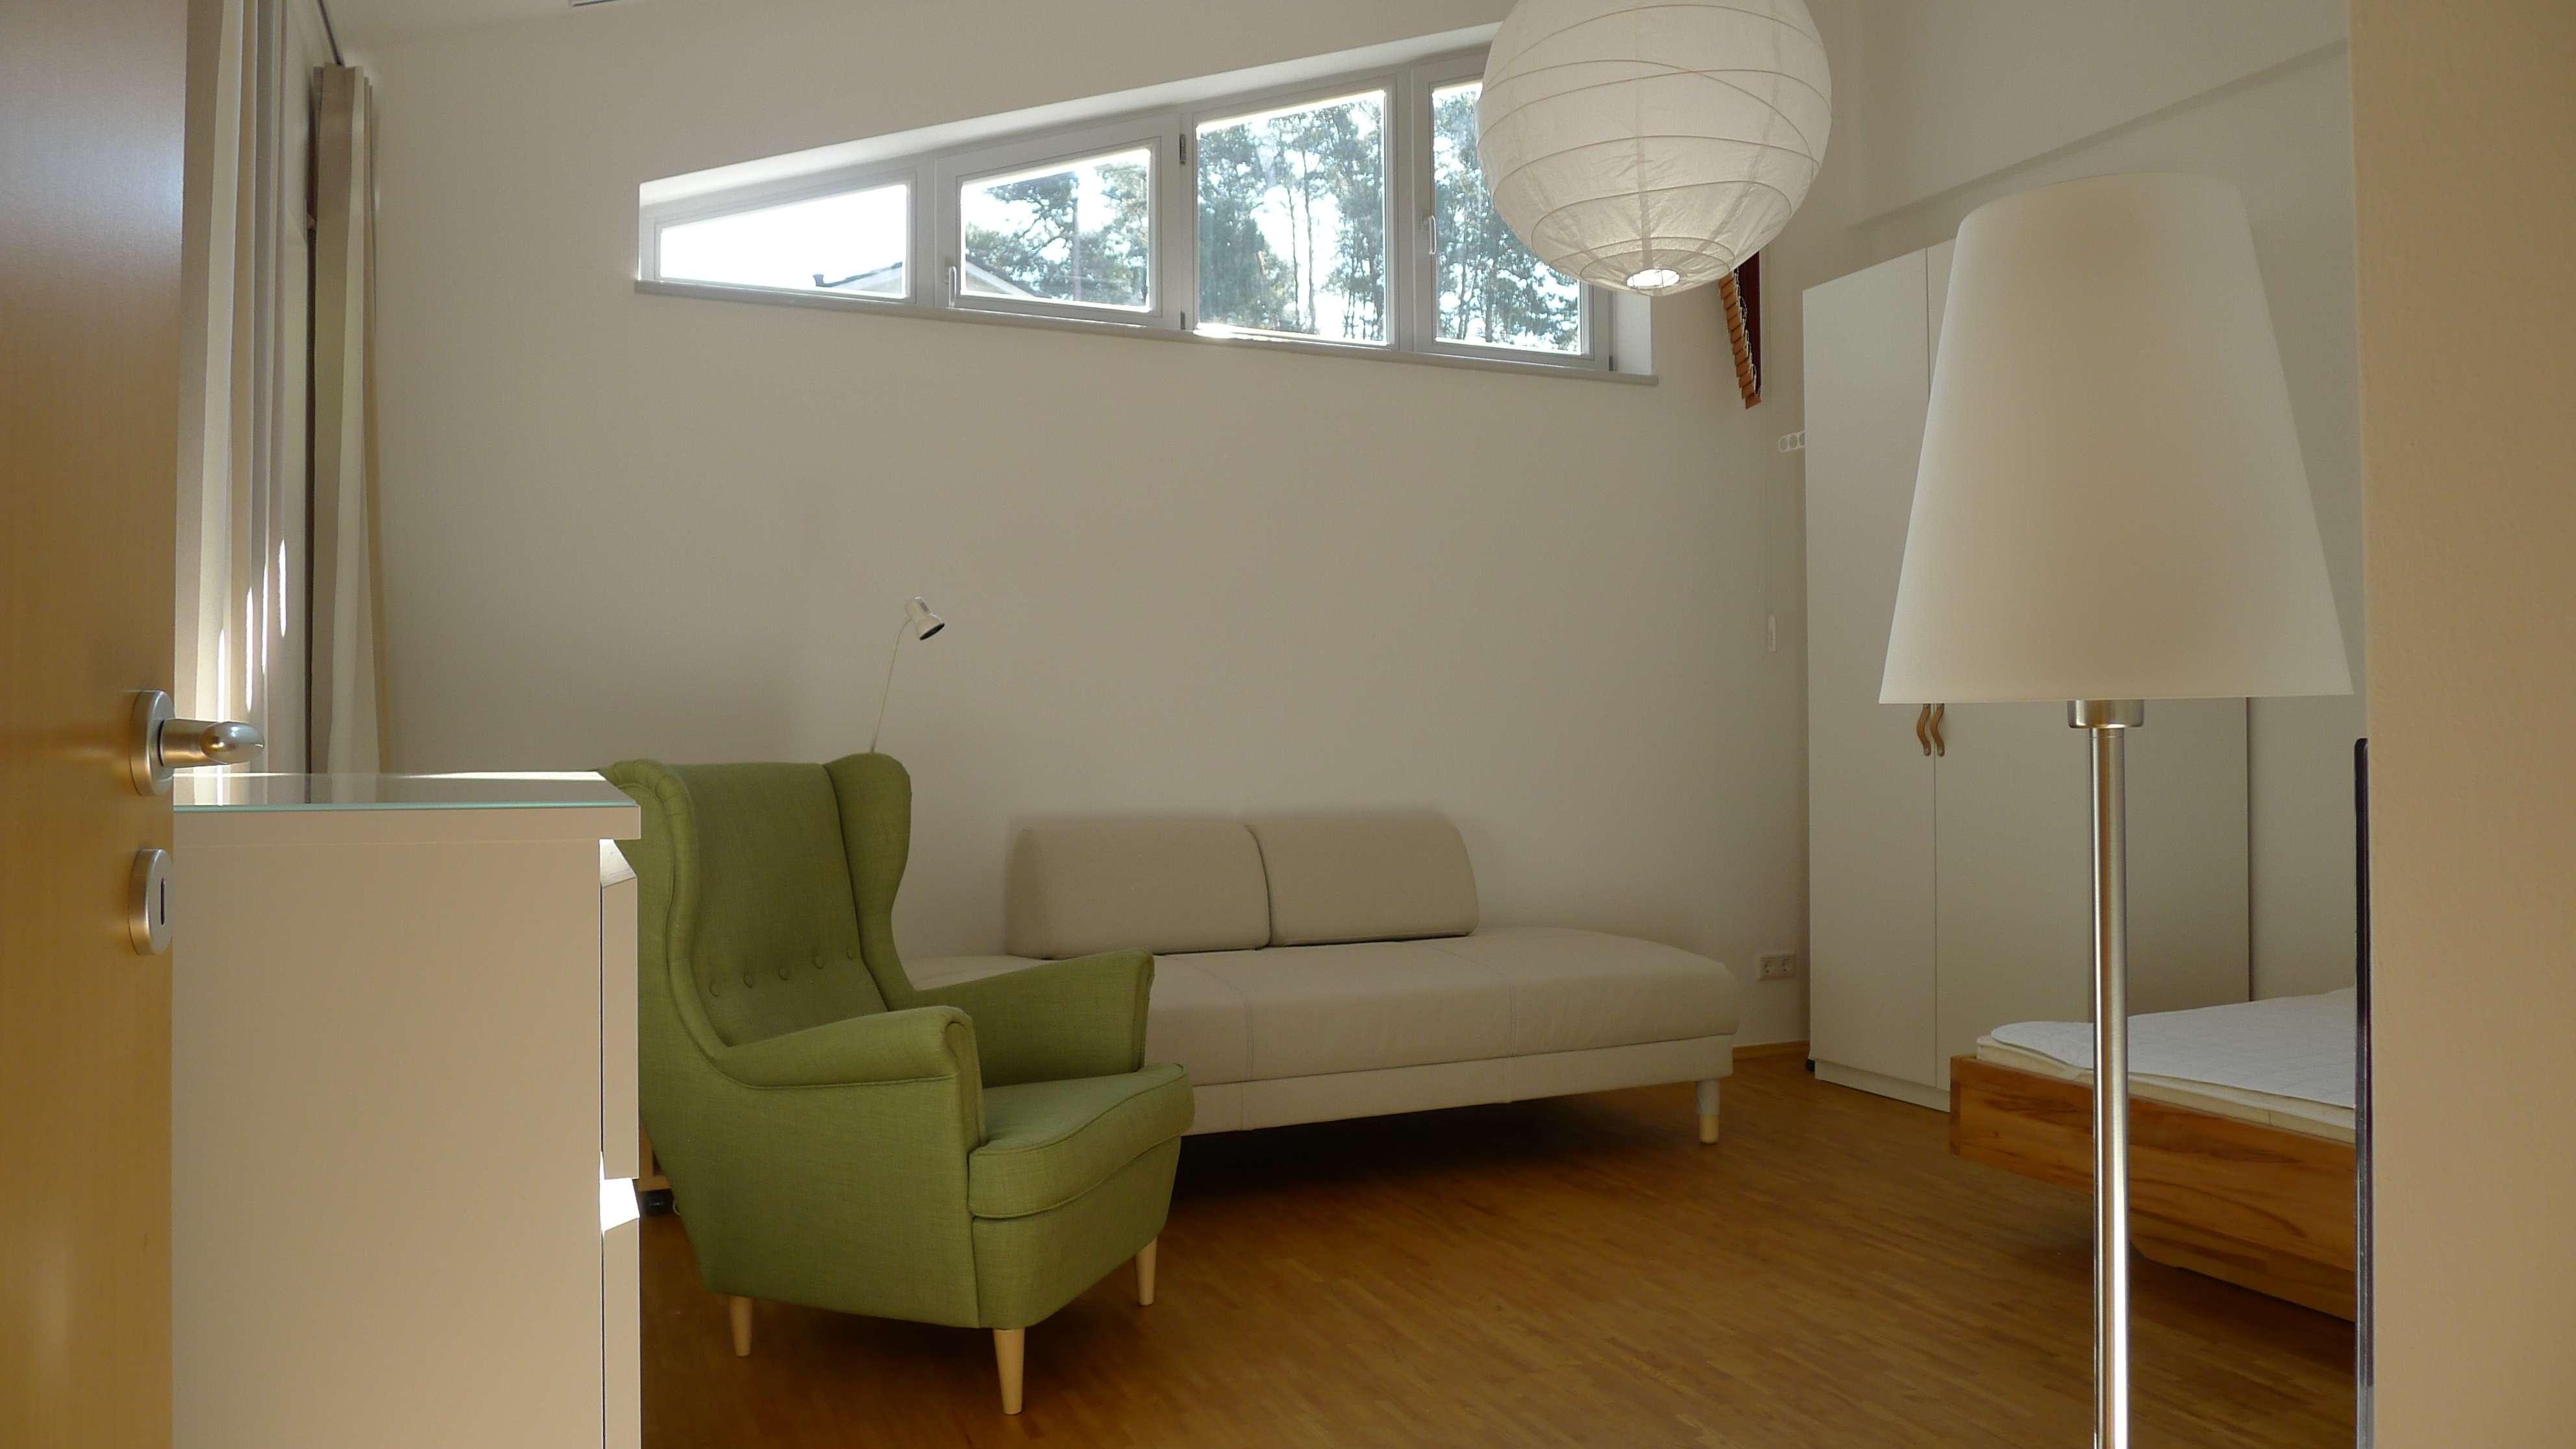 Hochwertige, möblierte 1-Zimmerwohnung am Waldrand in Erlangen